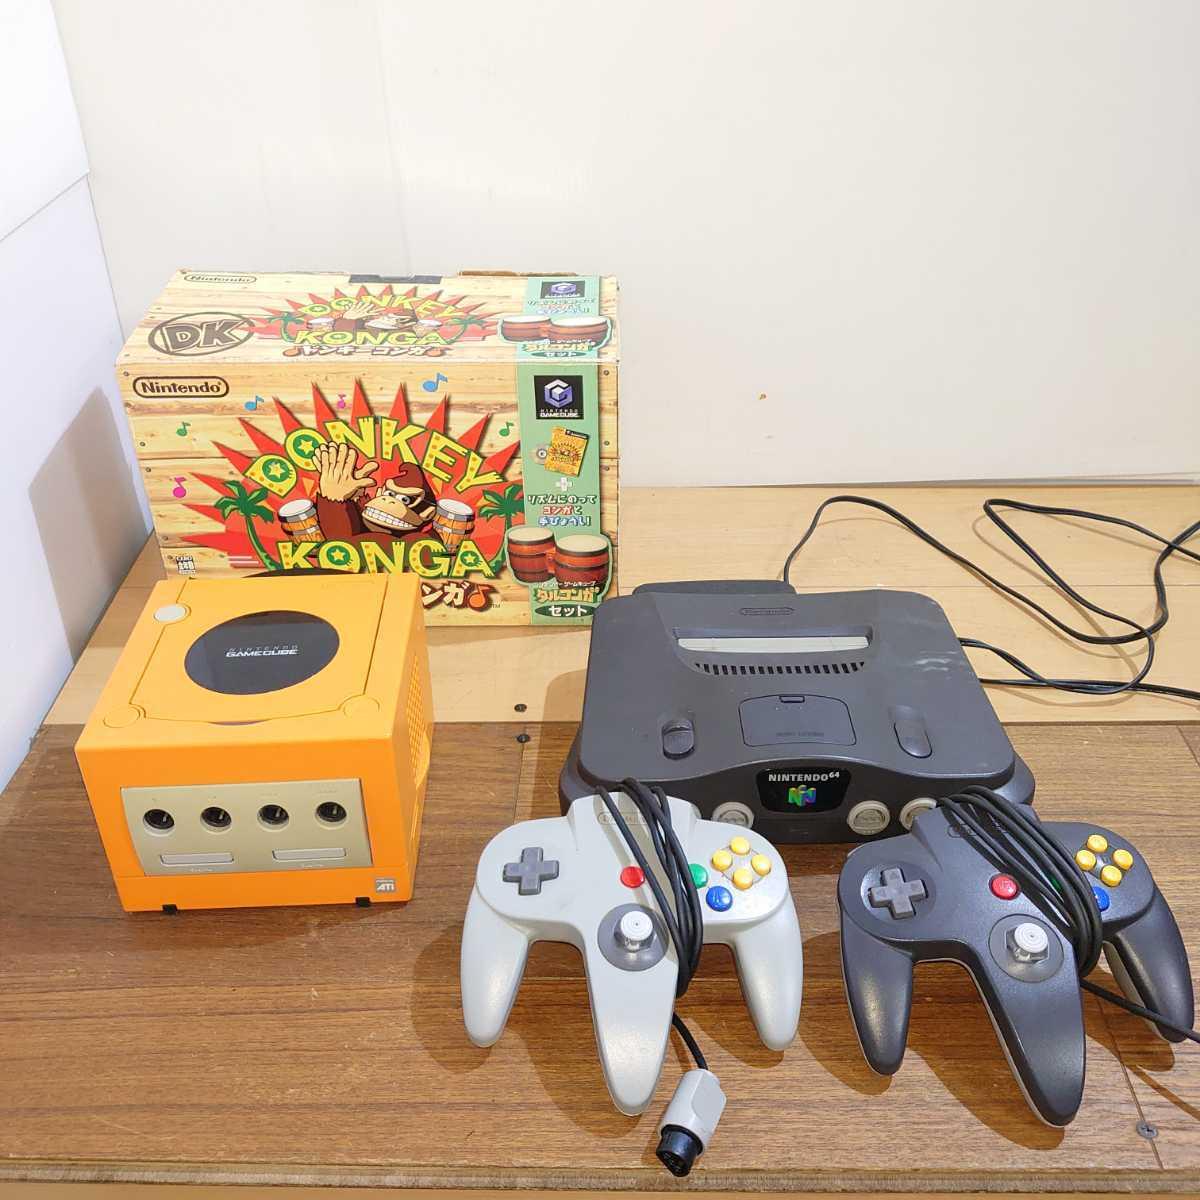 ニンテンドーゲームキューブ オレンジ DOL-001本体のみ 1台 ニンテンドー64 1台 ゲームキューブ用 タルコンガ セット 1台 計3台セット